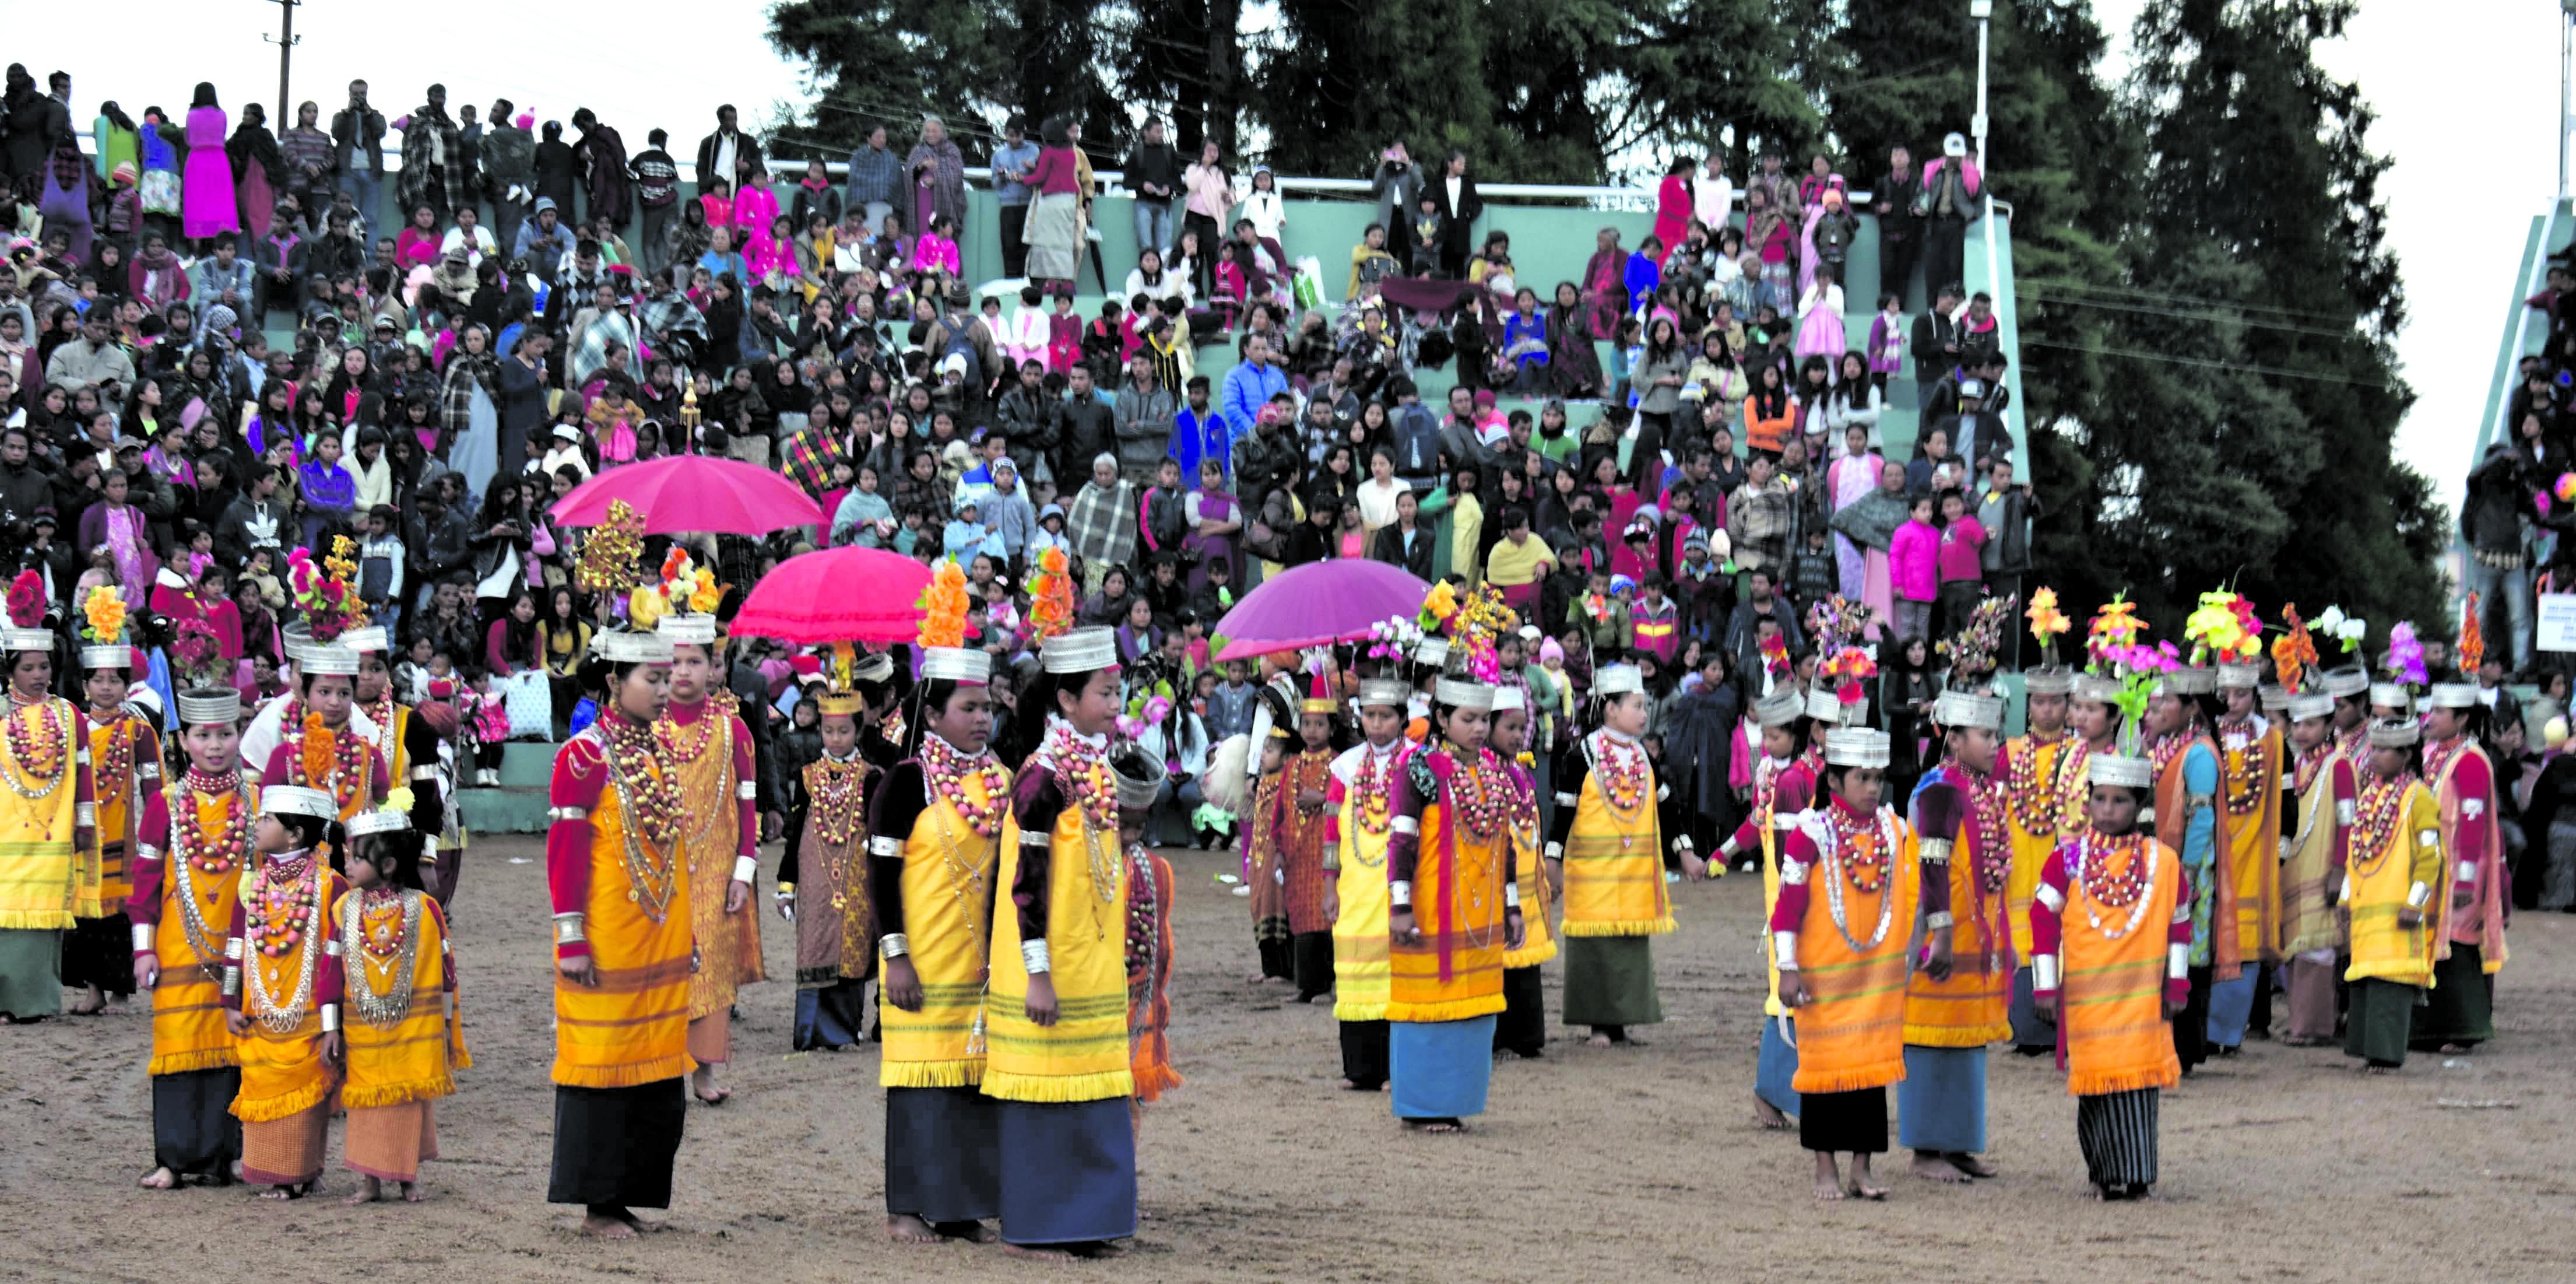 The Nongkrem Dance. Photo: WAISEA NASOKIA